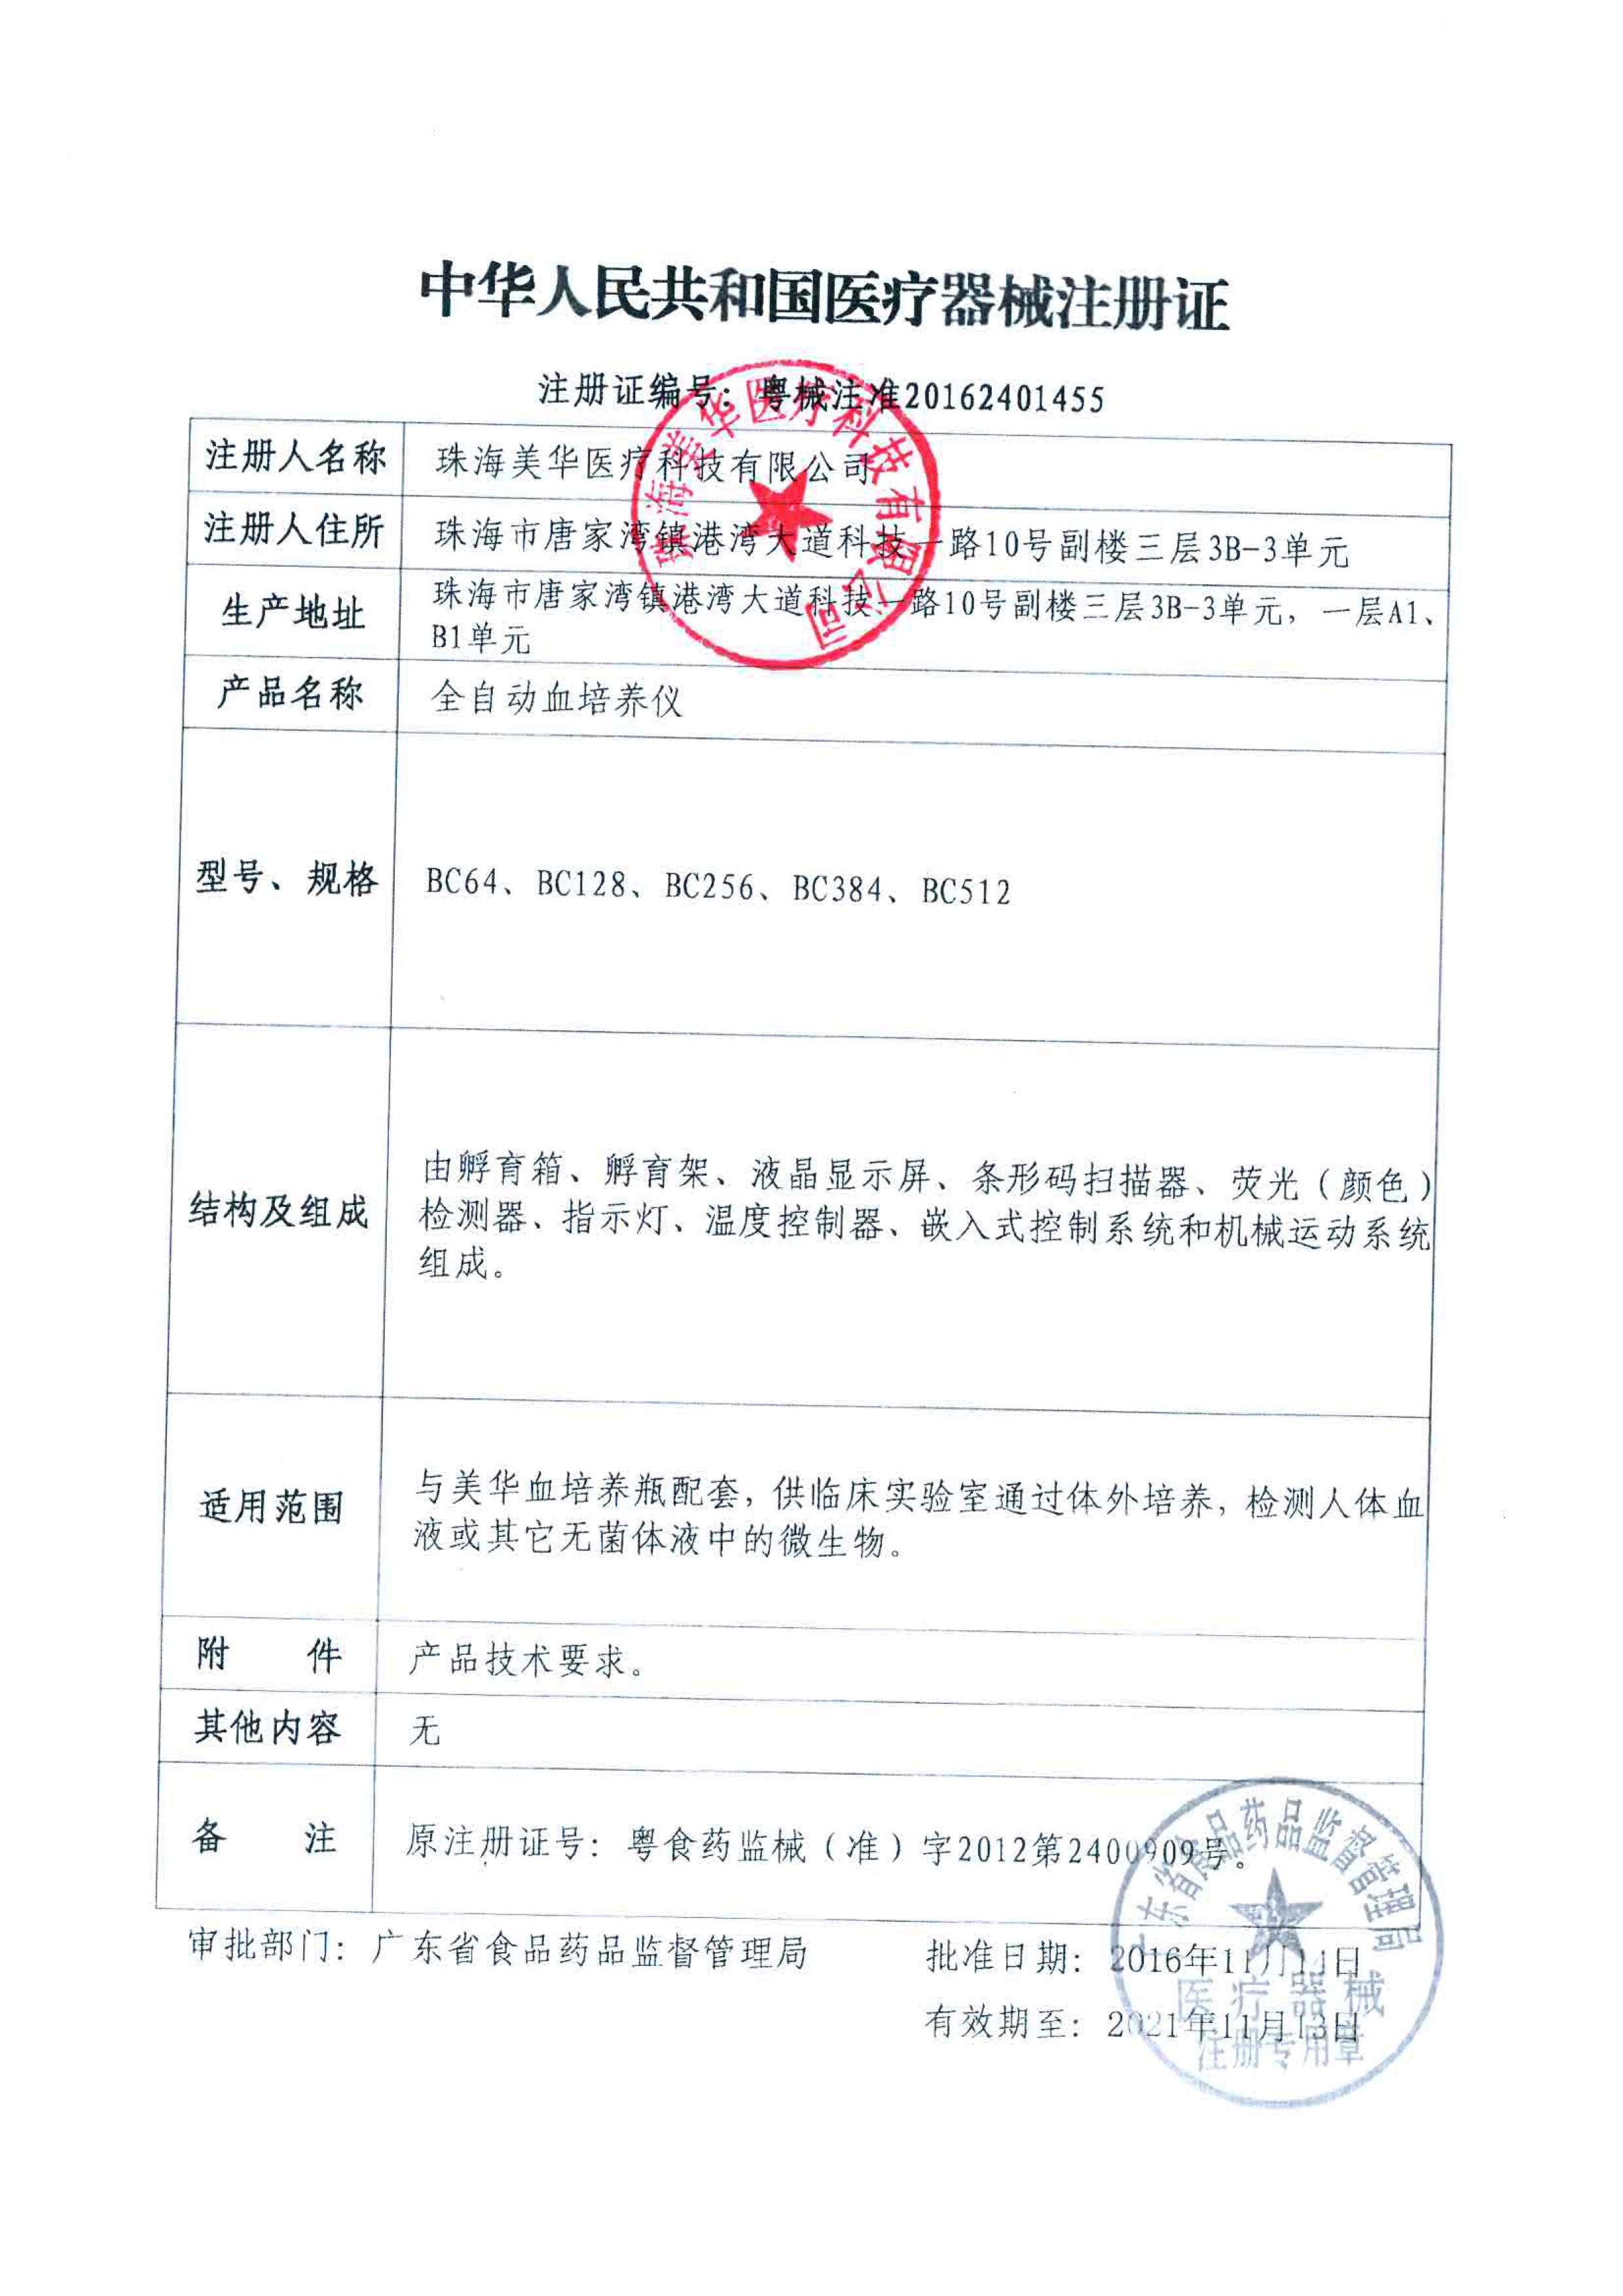 全自动血培养仪医疗器械注册证.jpg